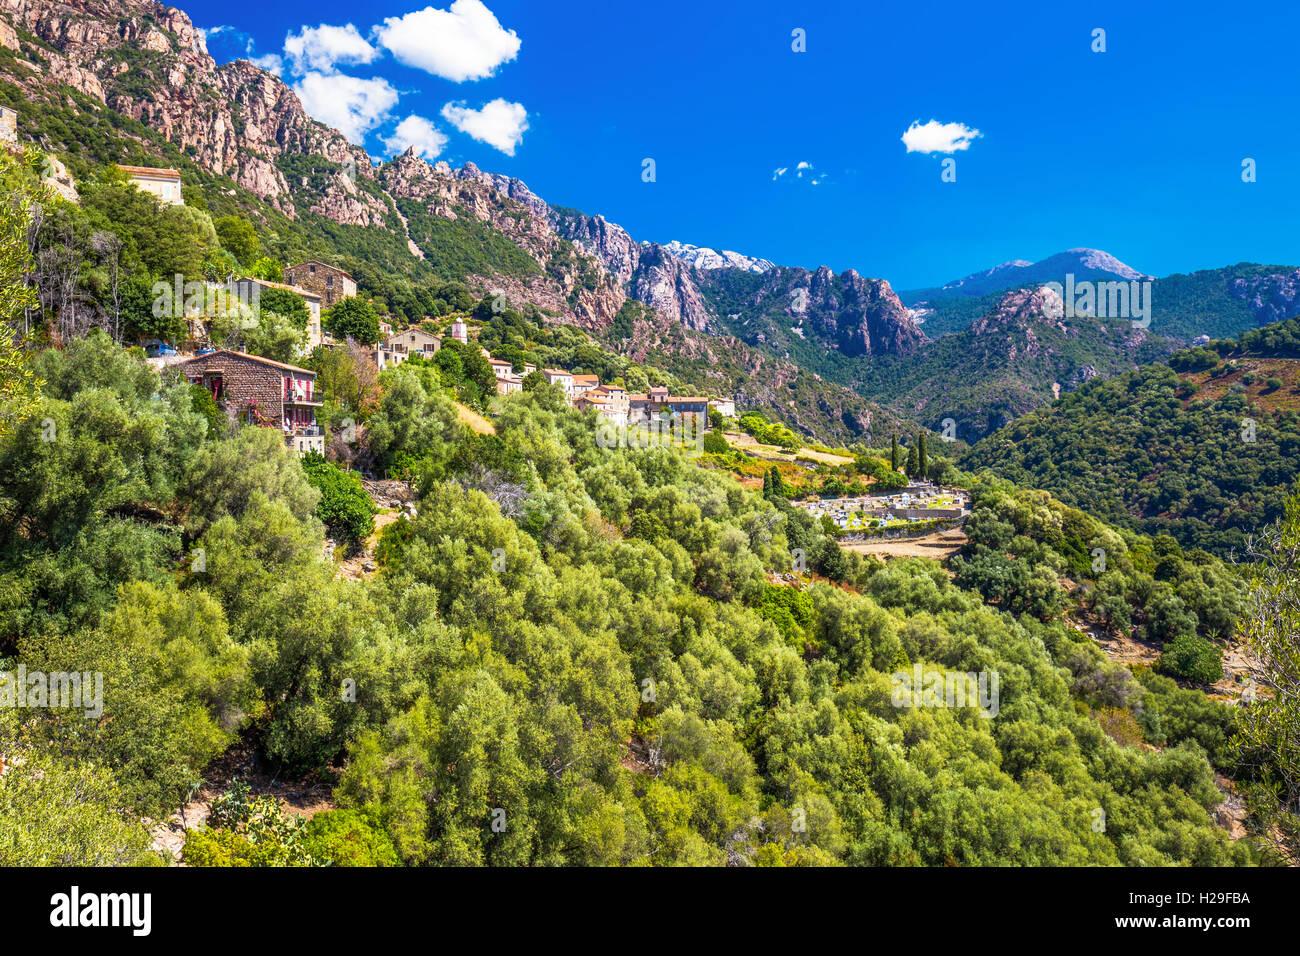 La ville d'Ota avec les montagnes en arrière-plan, près de Porto et Evisa, Corse, France. Photo Stock